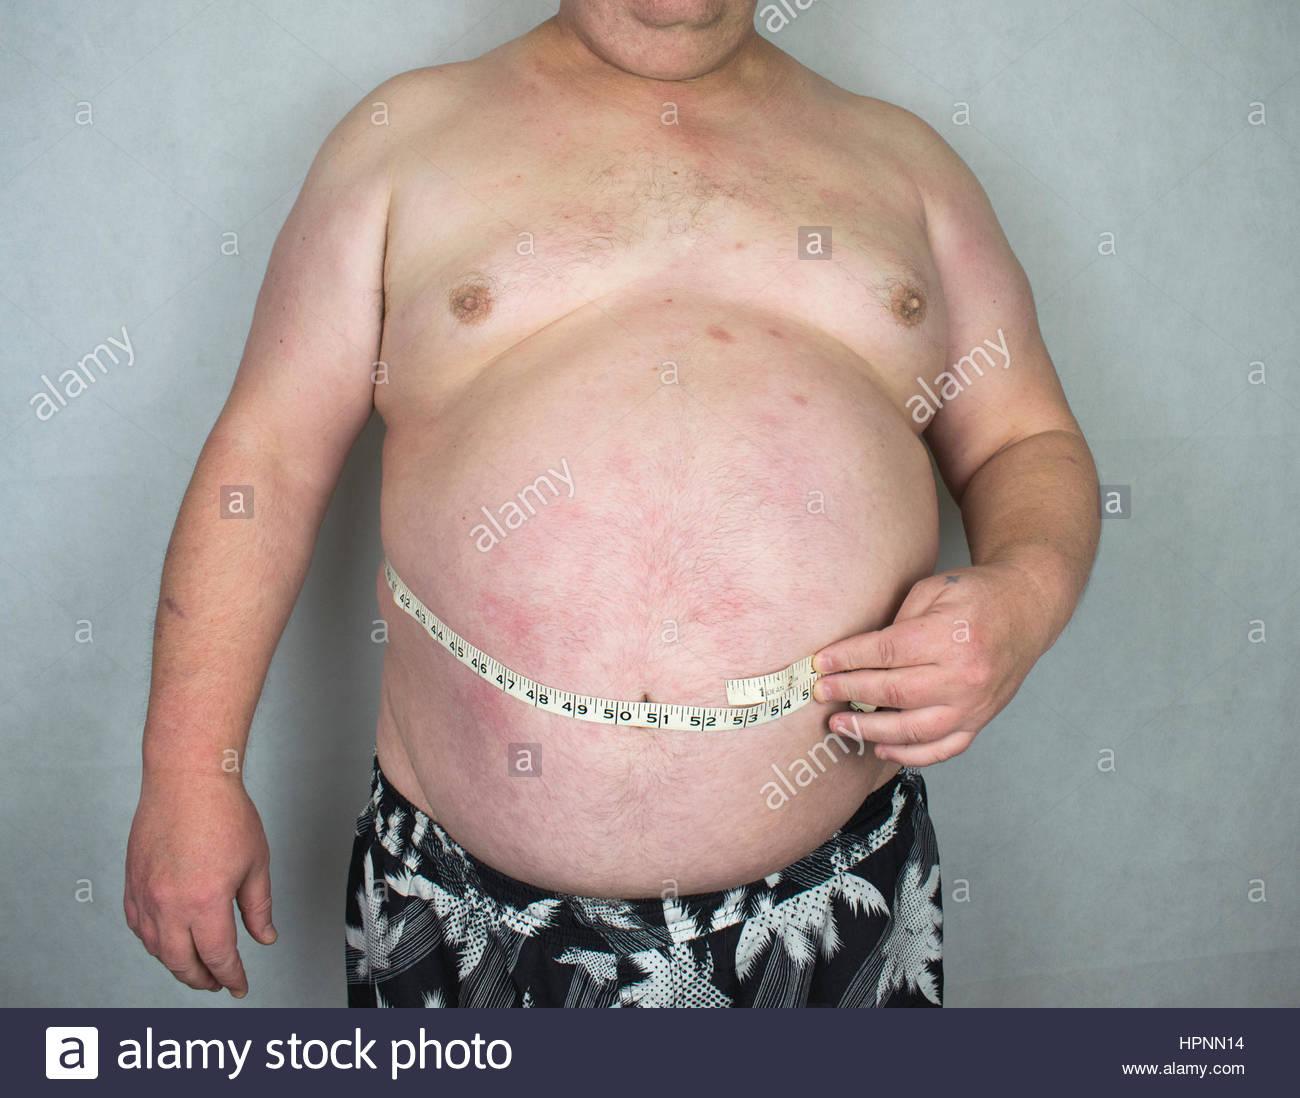 Obesidad - hombre obeso con cinta adhesiva. Imagen De Stock